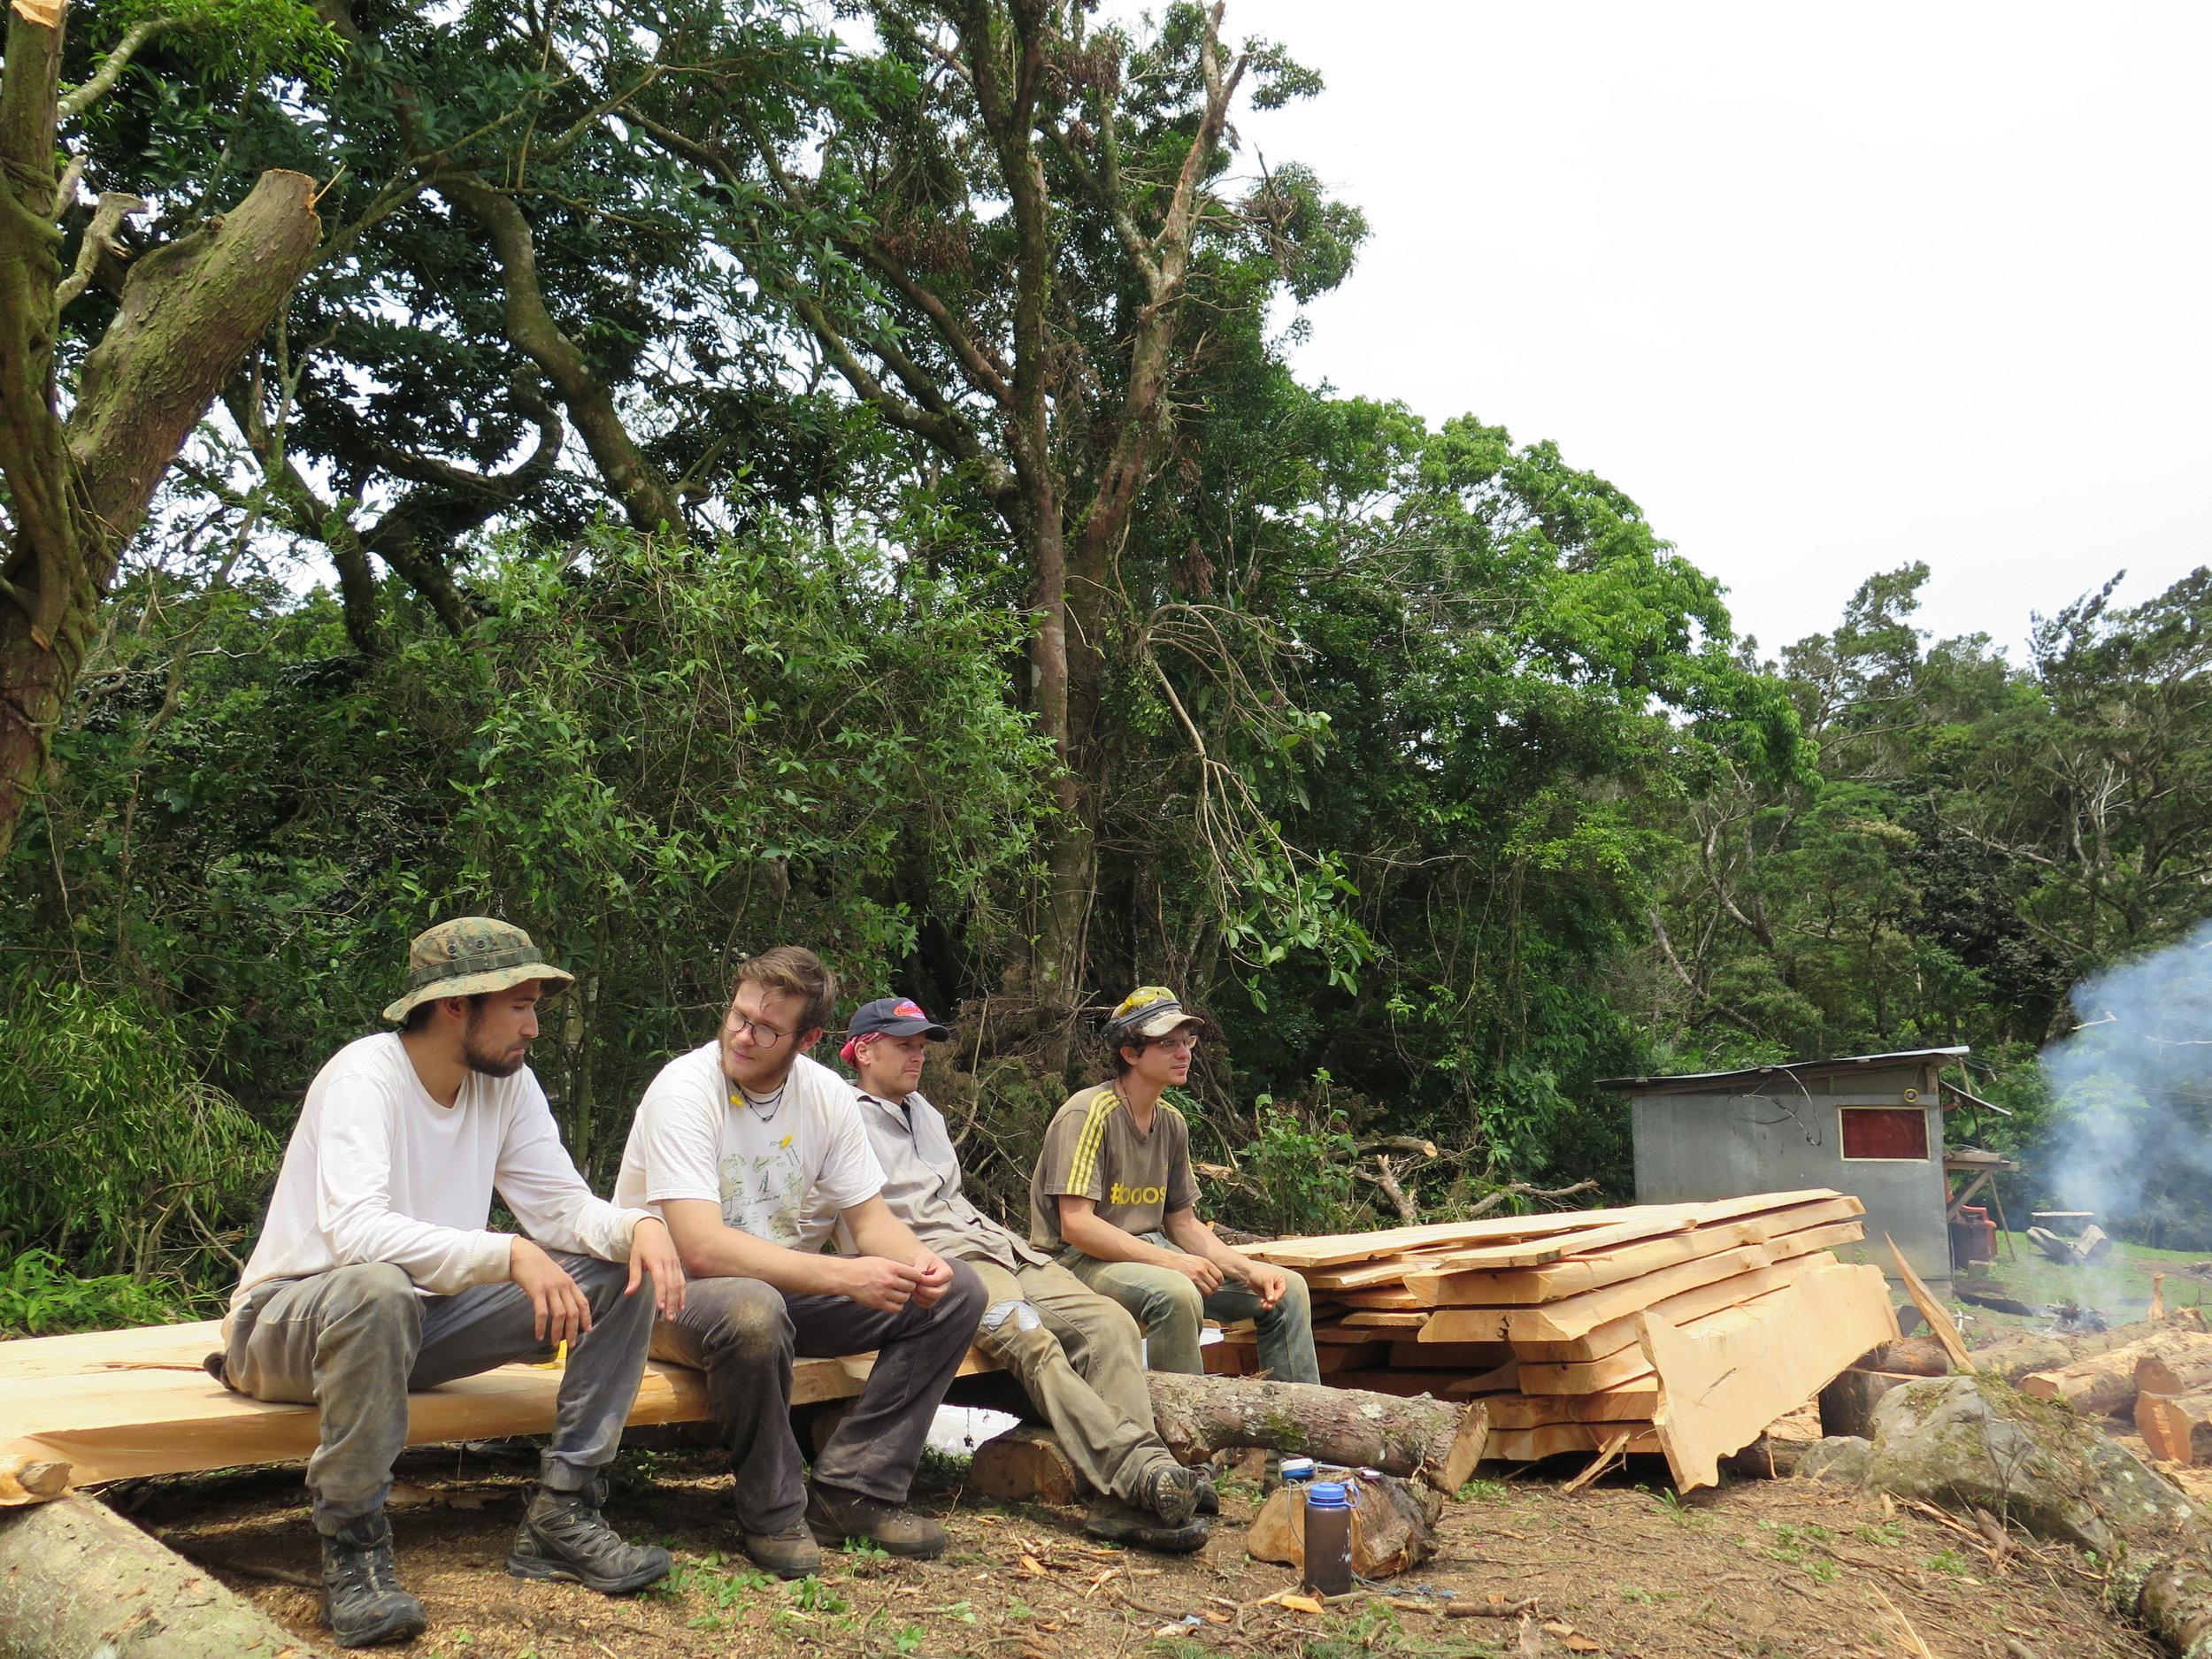 Lumberjacks Apprentice